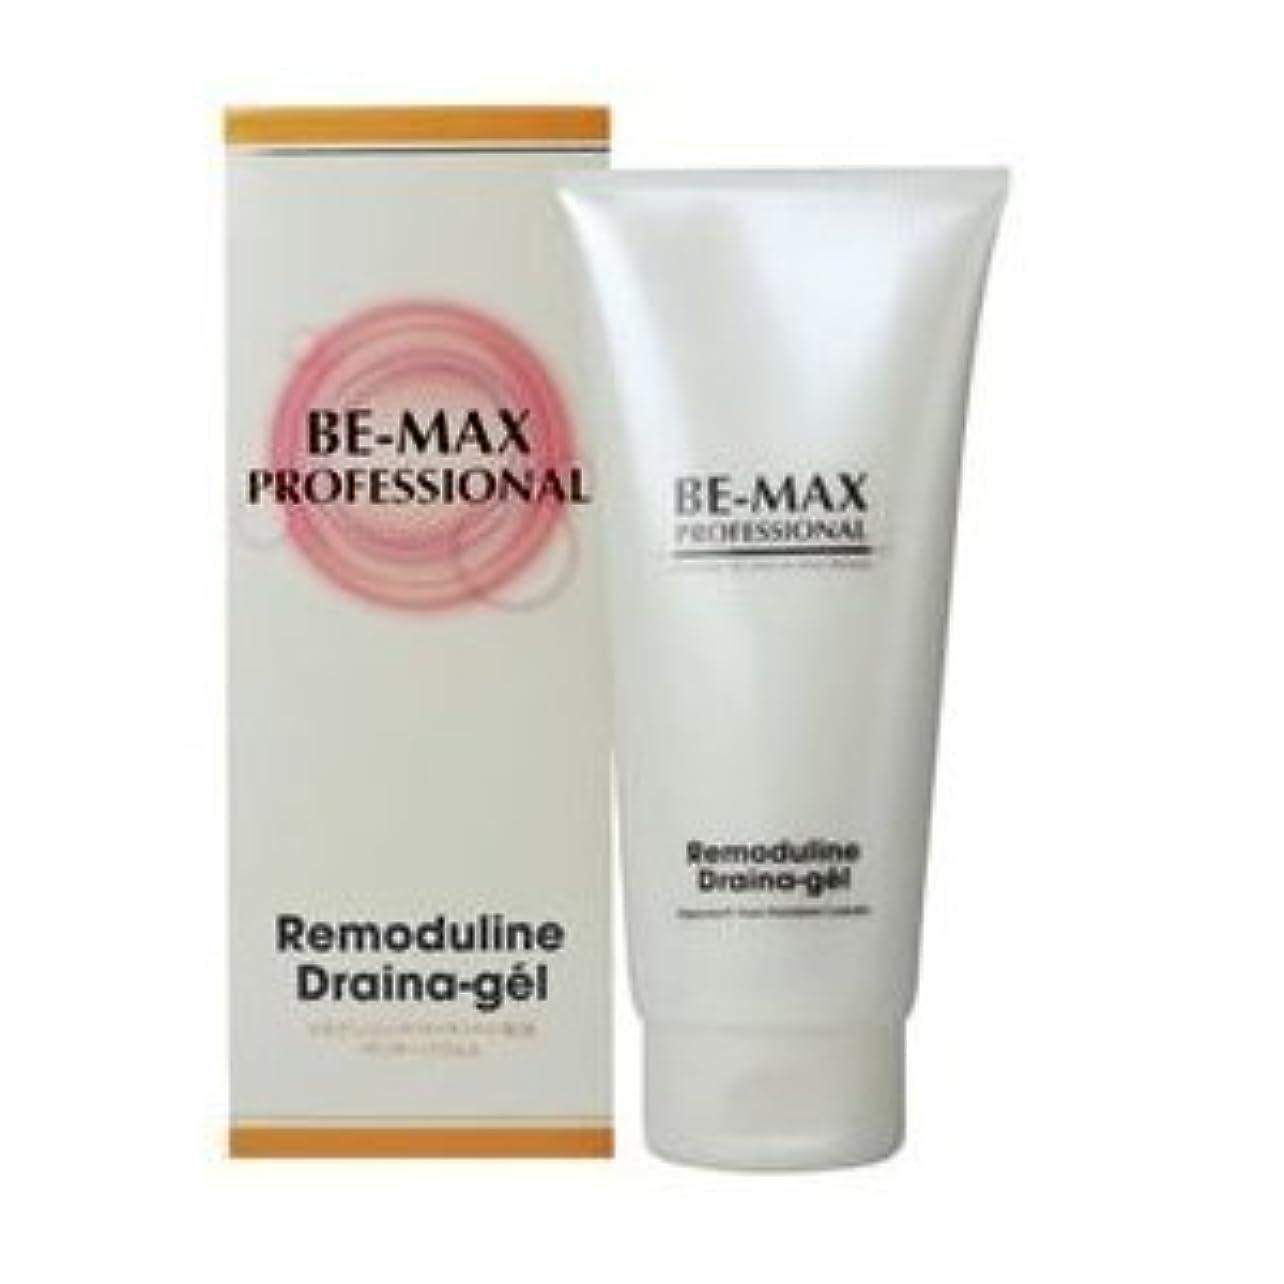 修道院わな辞任BE-MAX PROFESSIONAL Remoduline Draina-gel リモデュリンドレナージェル 200G